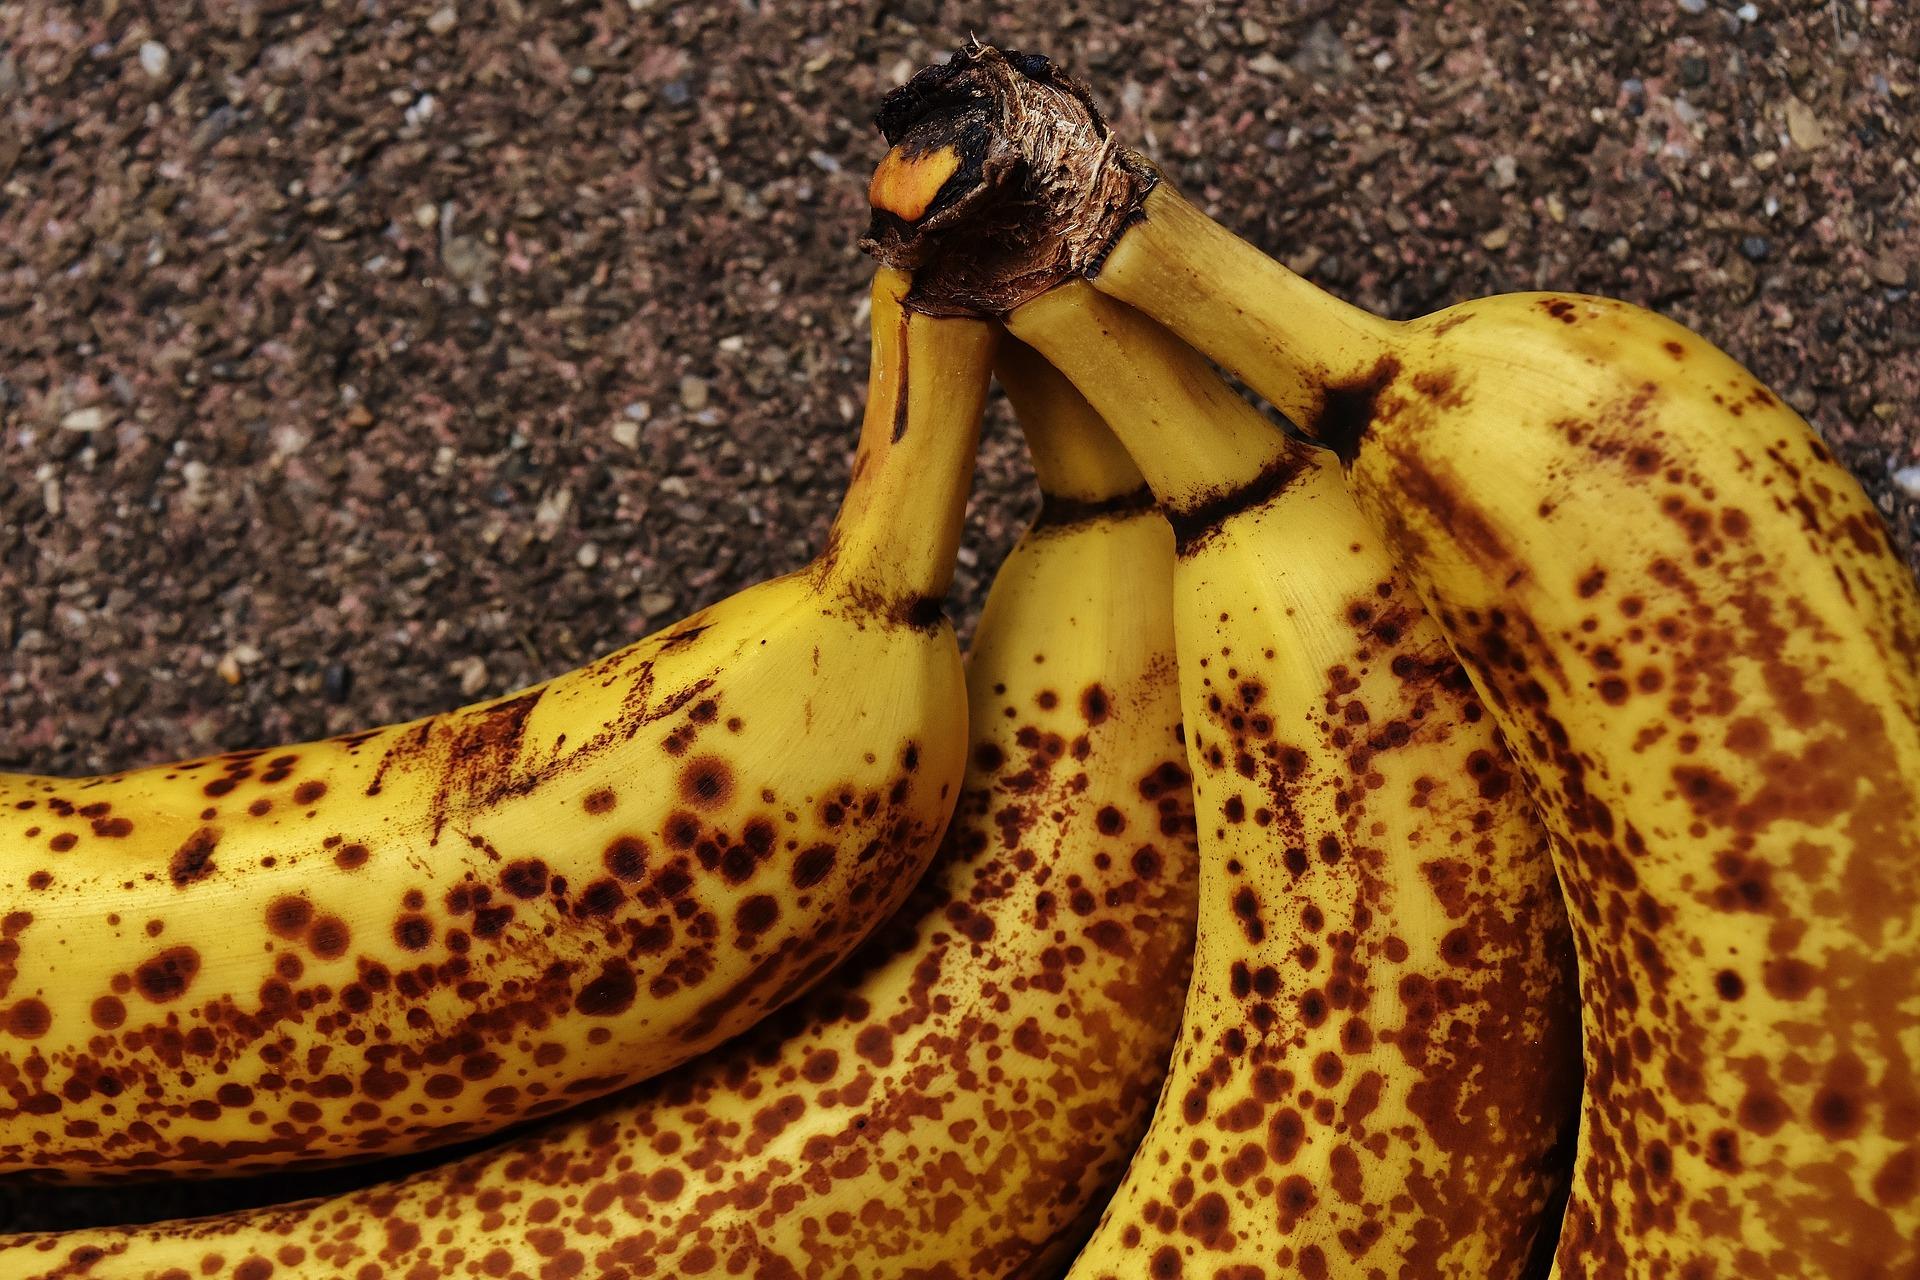 갈색 바나나 한 송이